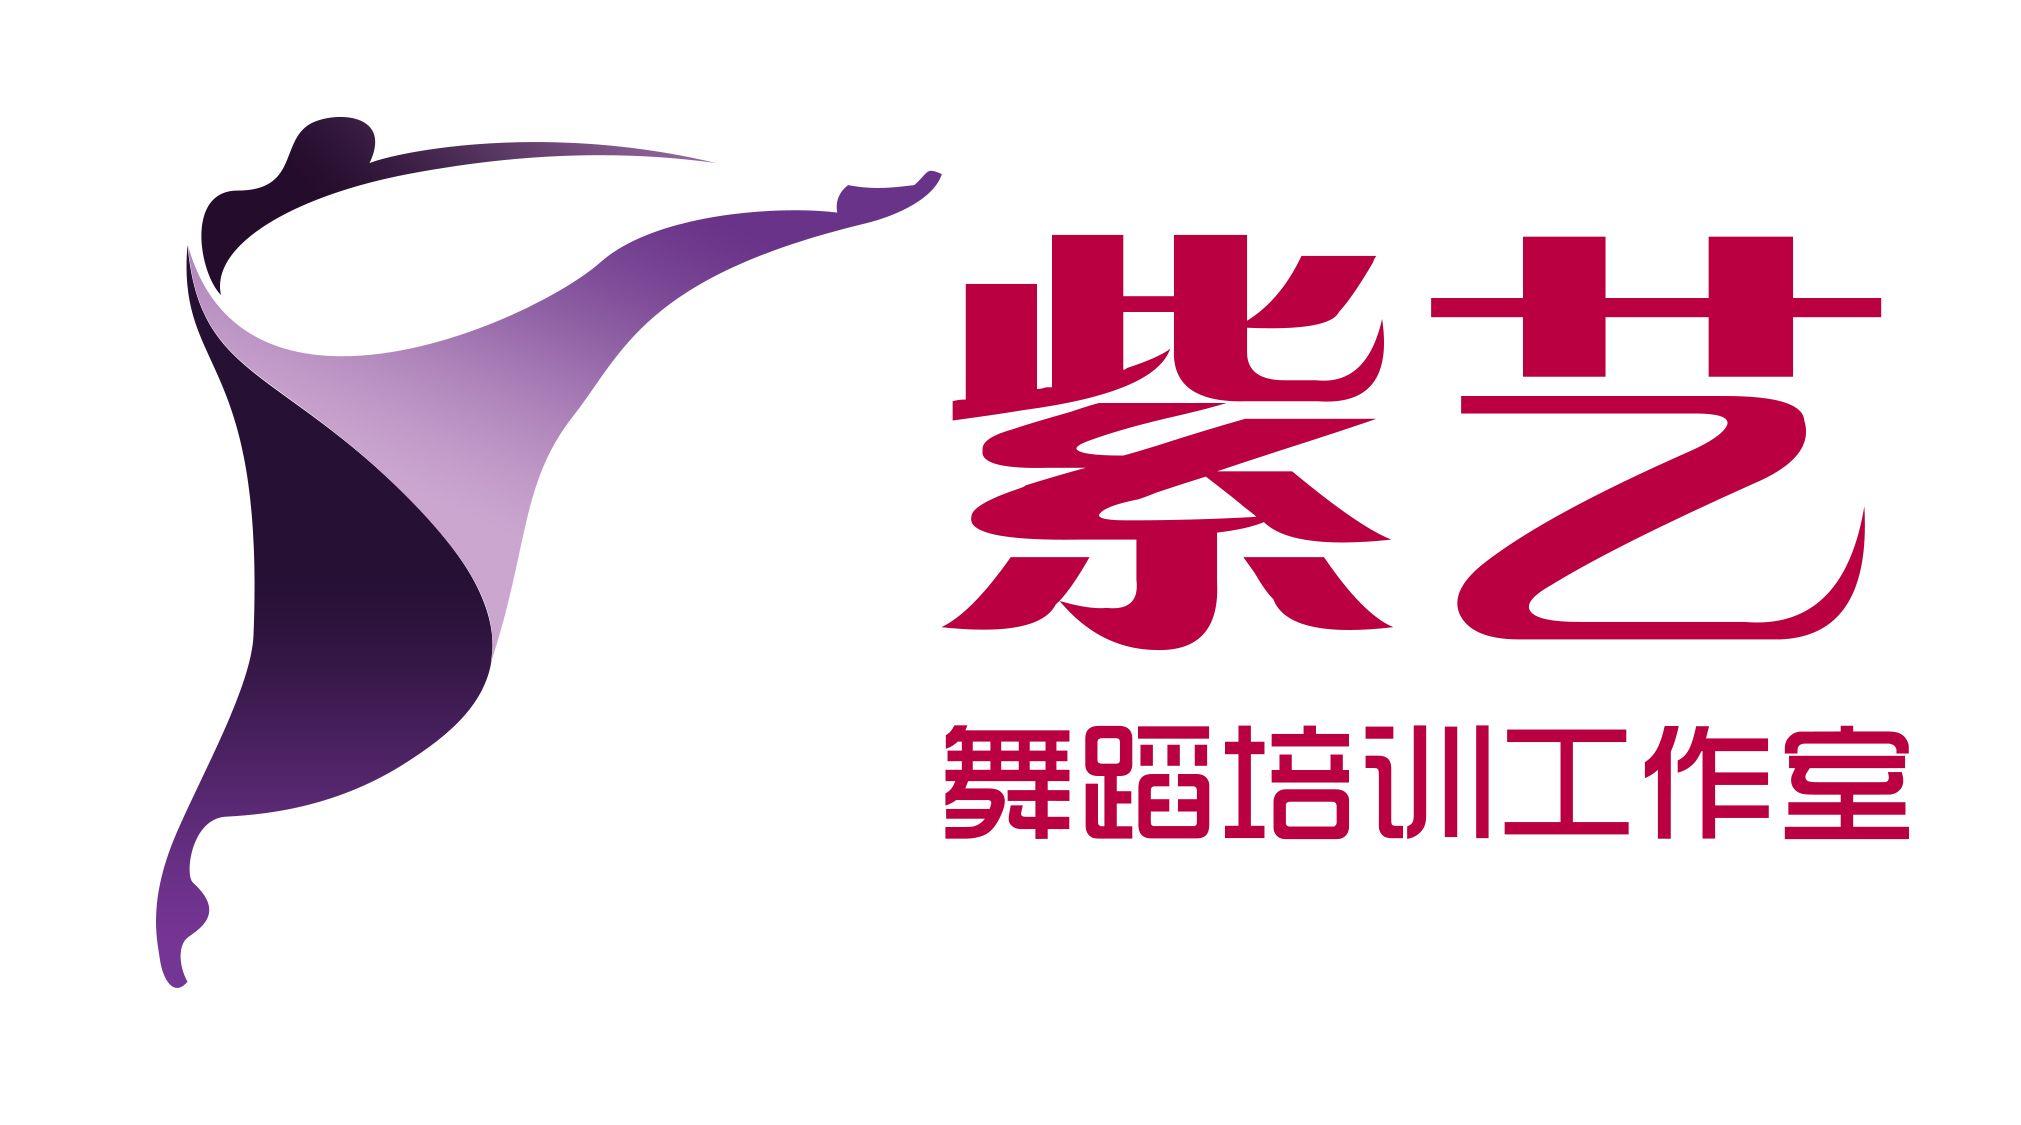 設計工作室logo圖片